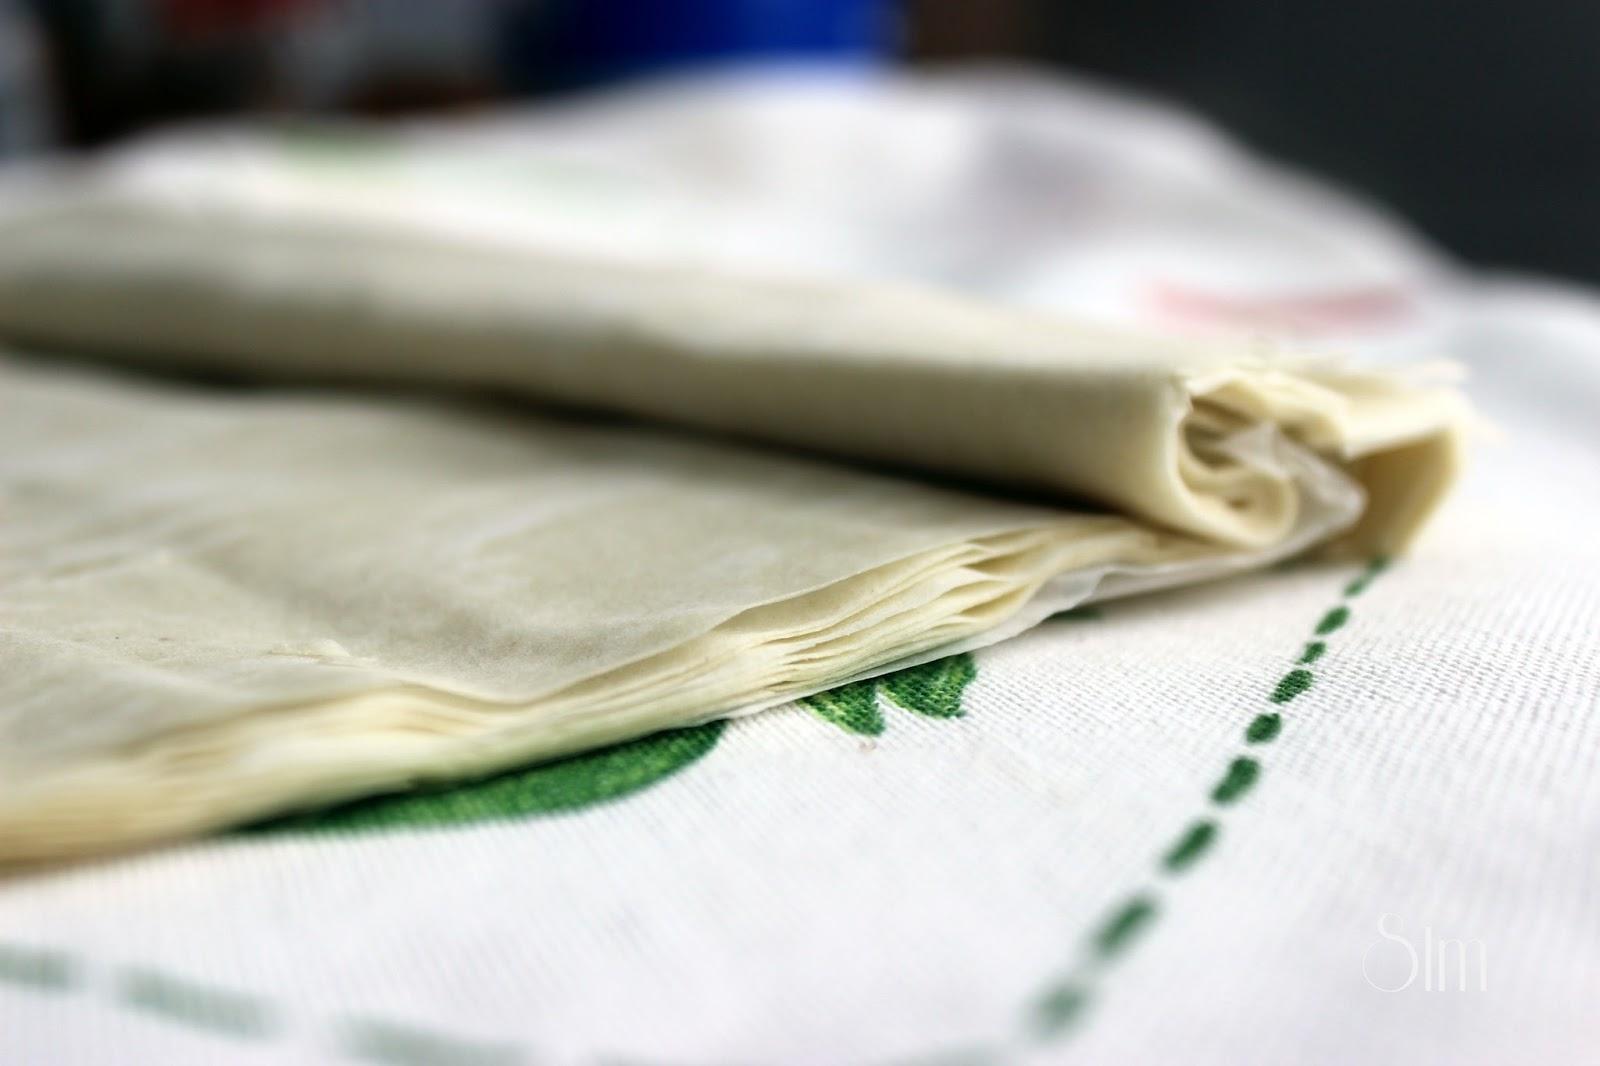 Sientate a la mesa mini quiches de verduras en pasta filo - Que hacer con la pasta filo ...